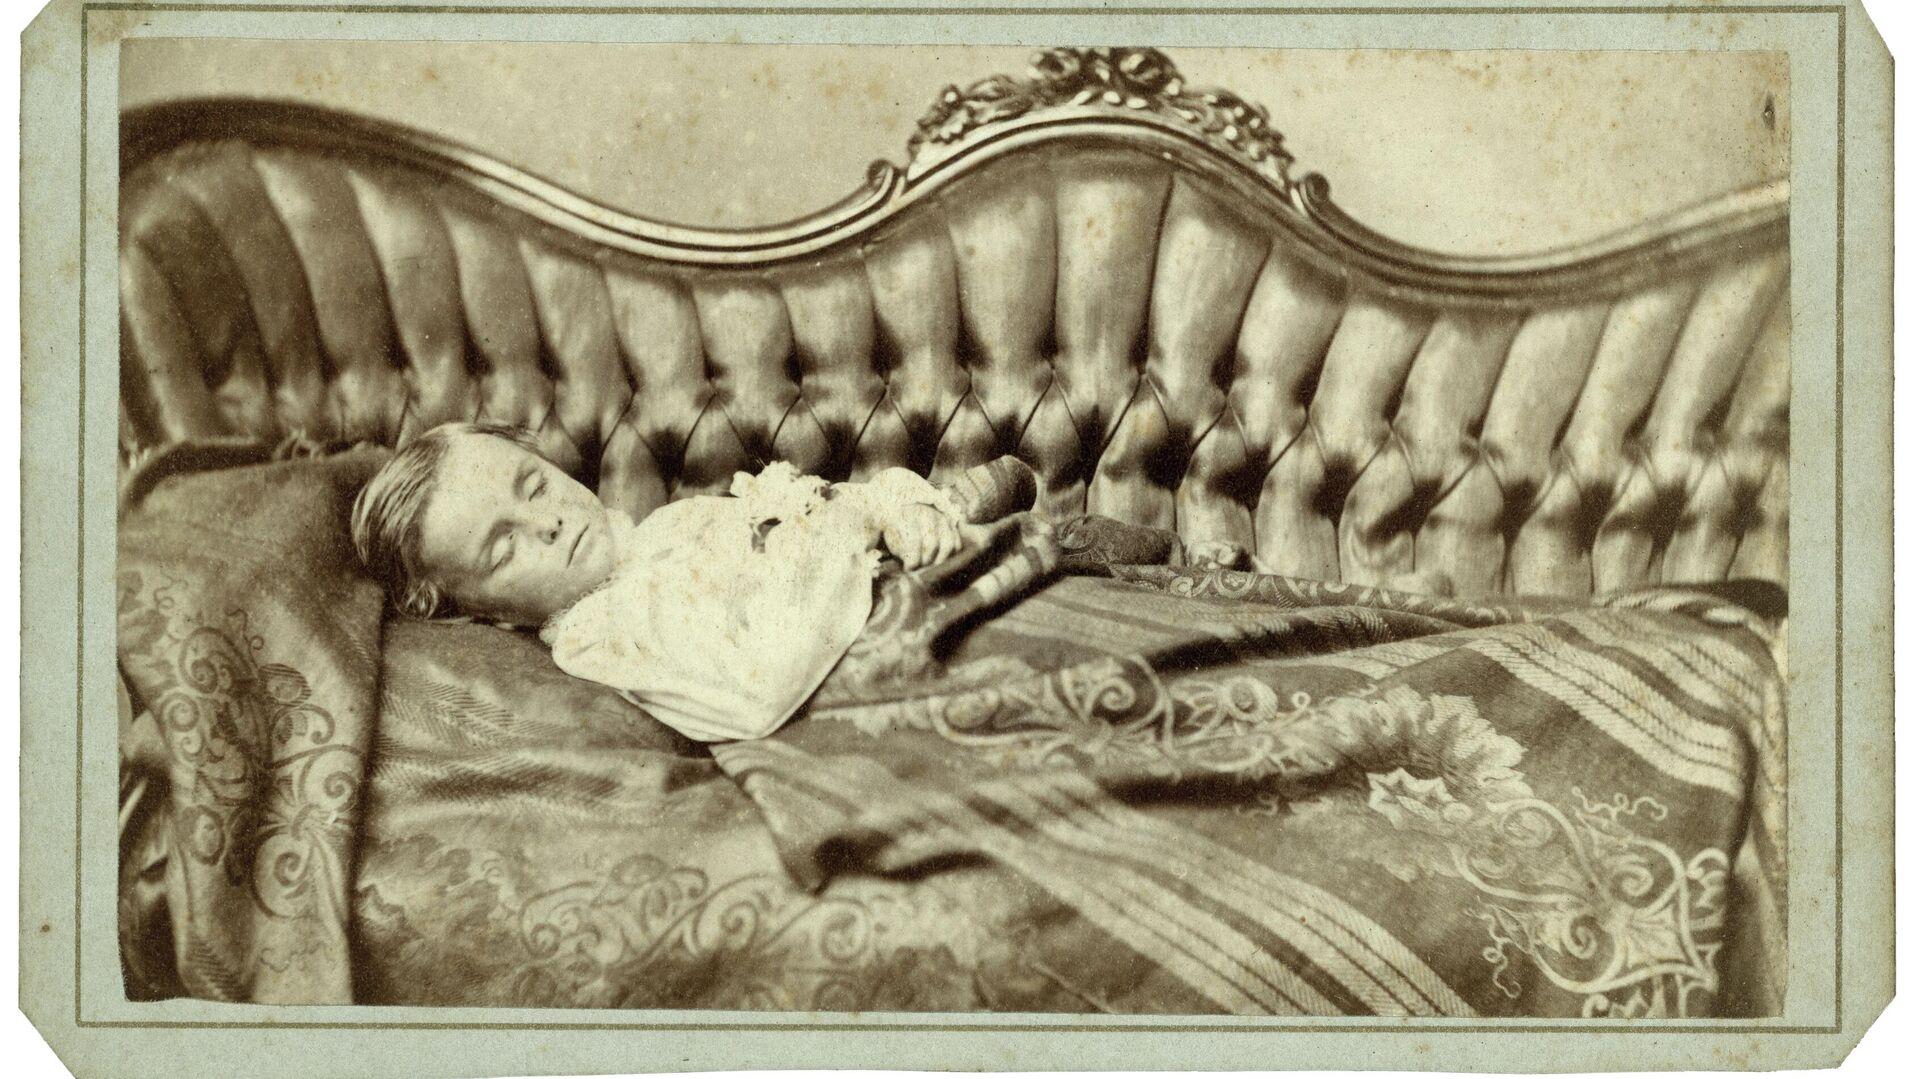 Retrato de un niño fallecido en un elegante sofá - Sputnik Mundo, 1920, 02.06.2021